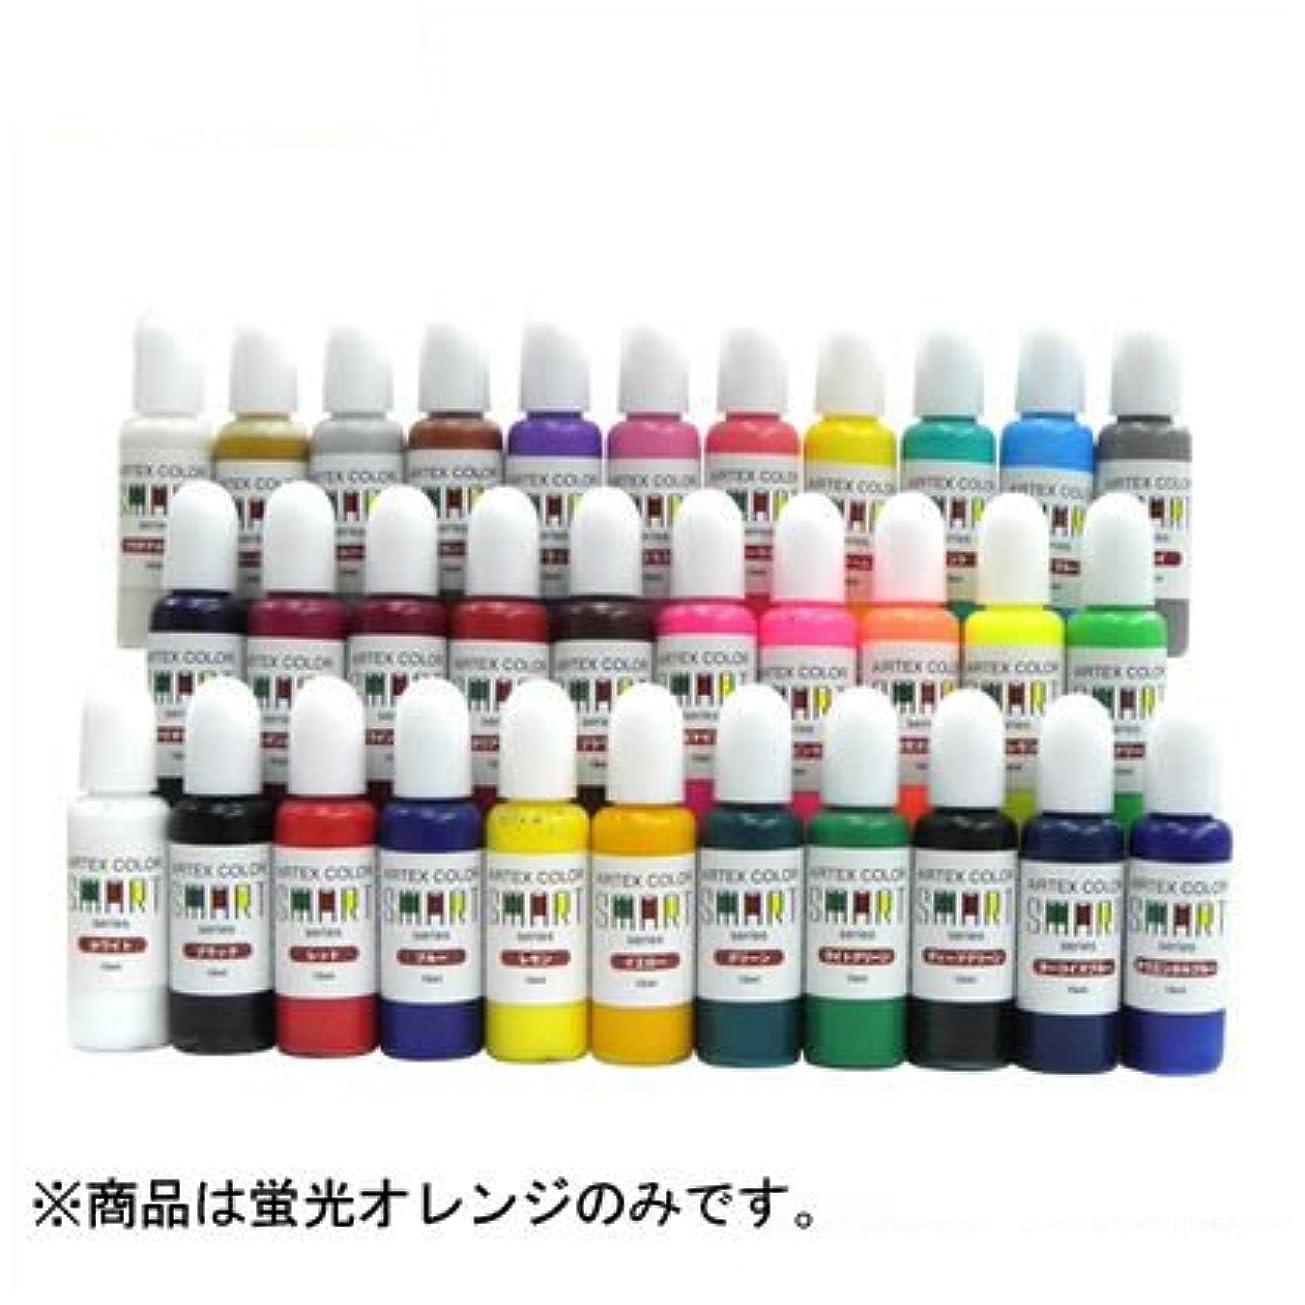 アッティカスバッジ硫黄エアテックス カラースマートシリーズ 蛍光オレンジ ACS19